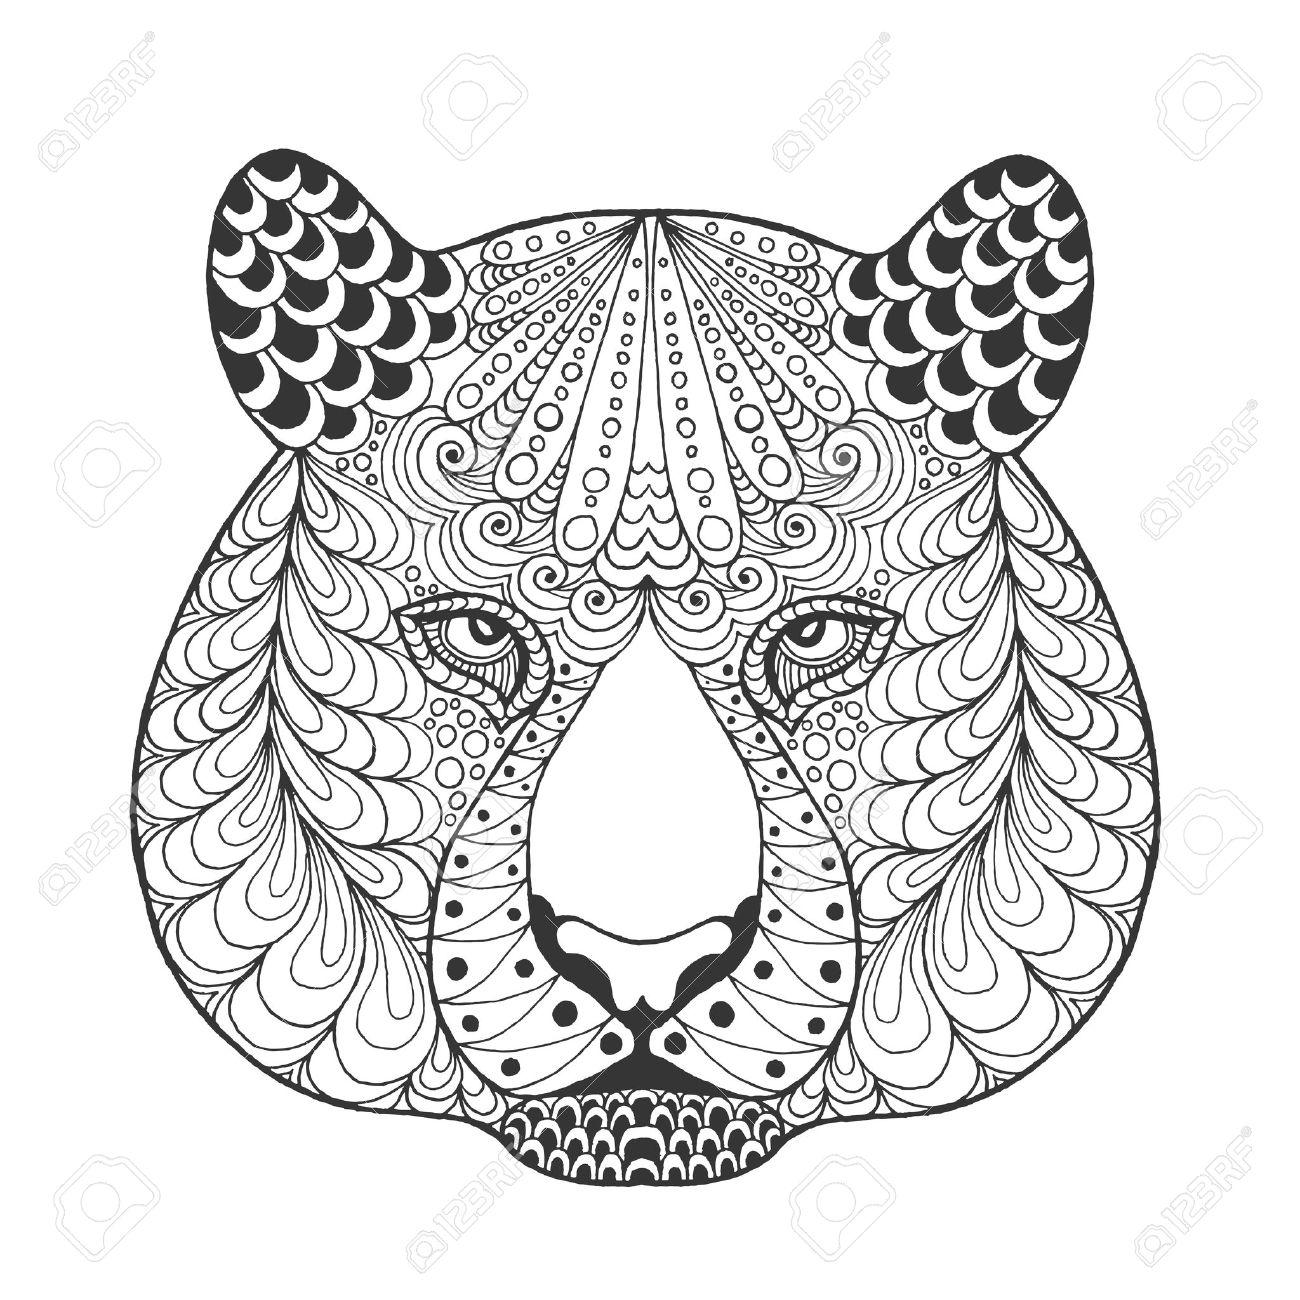 coloriage anti stress tigre